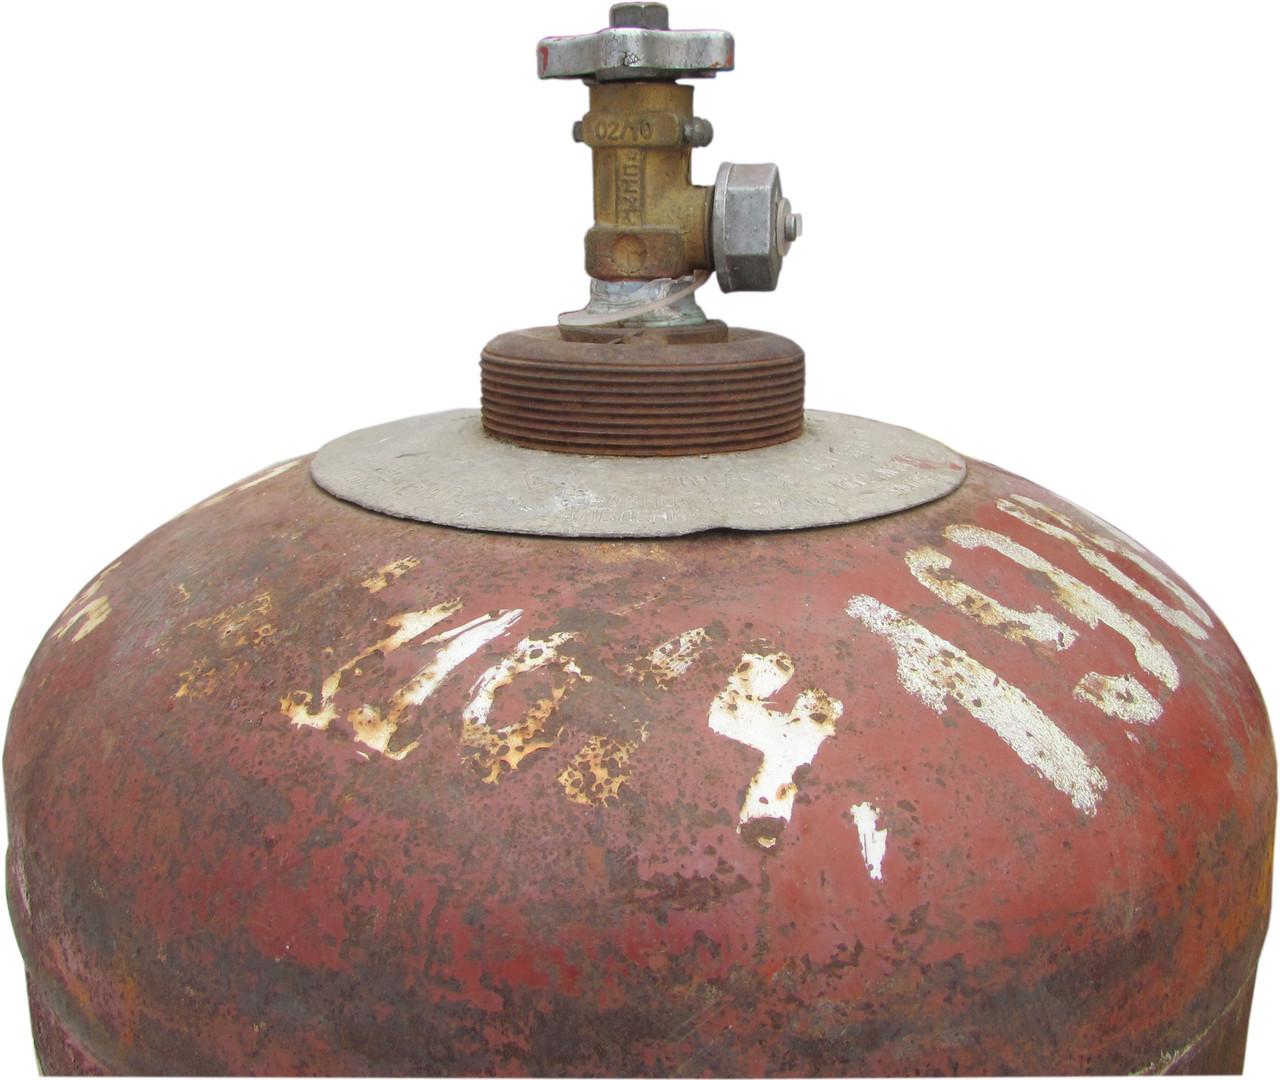 БАЛЛОН пропановый (газовый) 50л Б/У тара